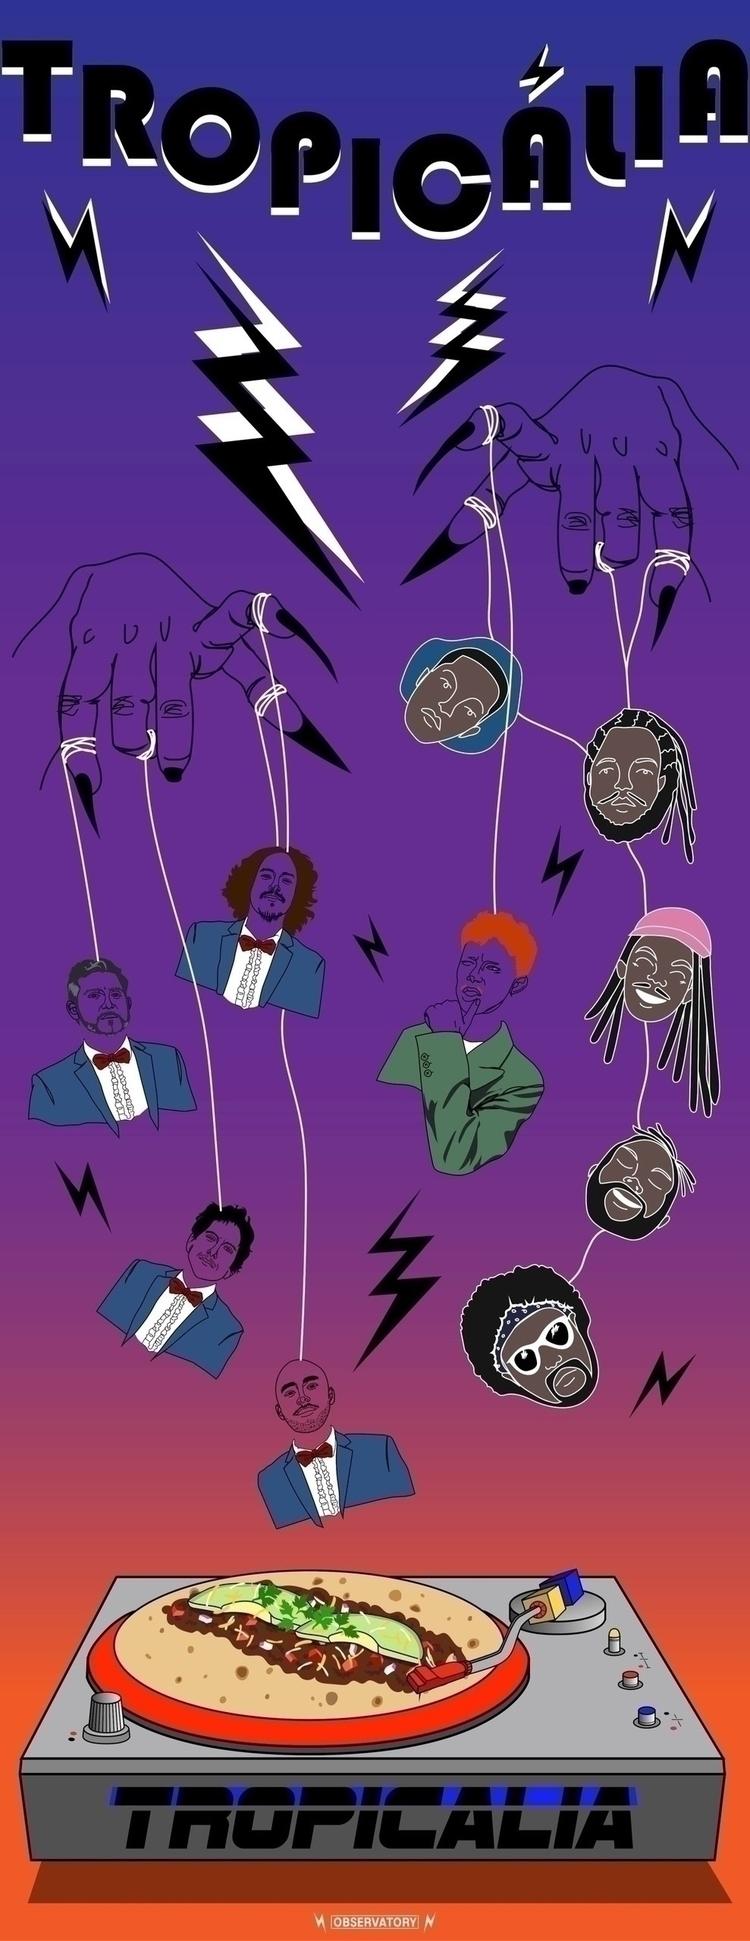 Tropicalia-yo.  - tropicalia, musicfestival#dancing#illustration#poster#cover - optimistic_saturn | ello